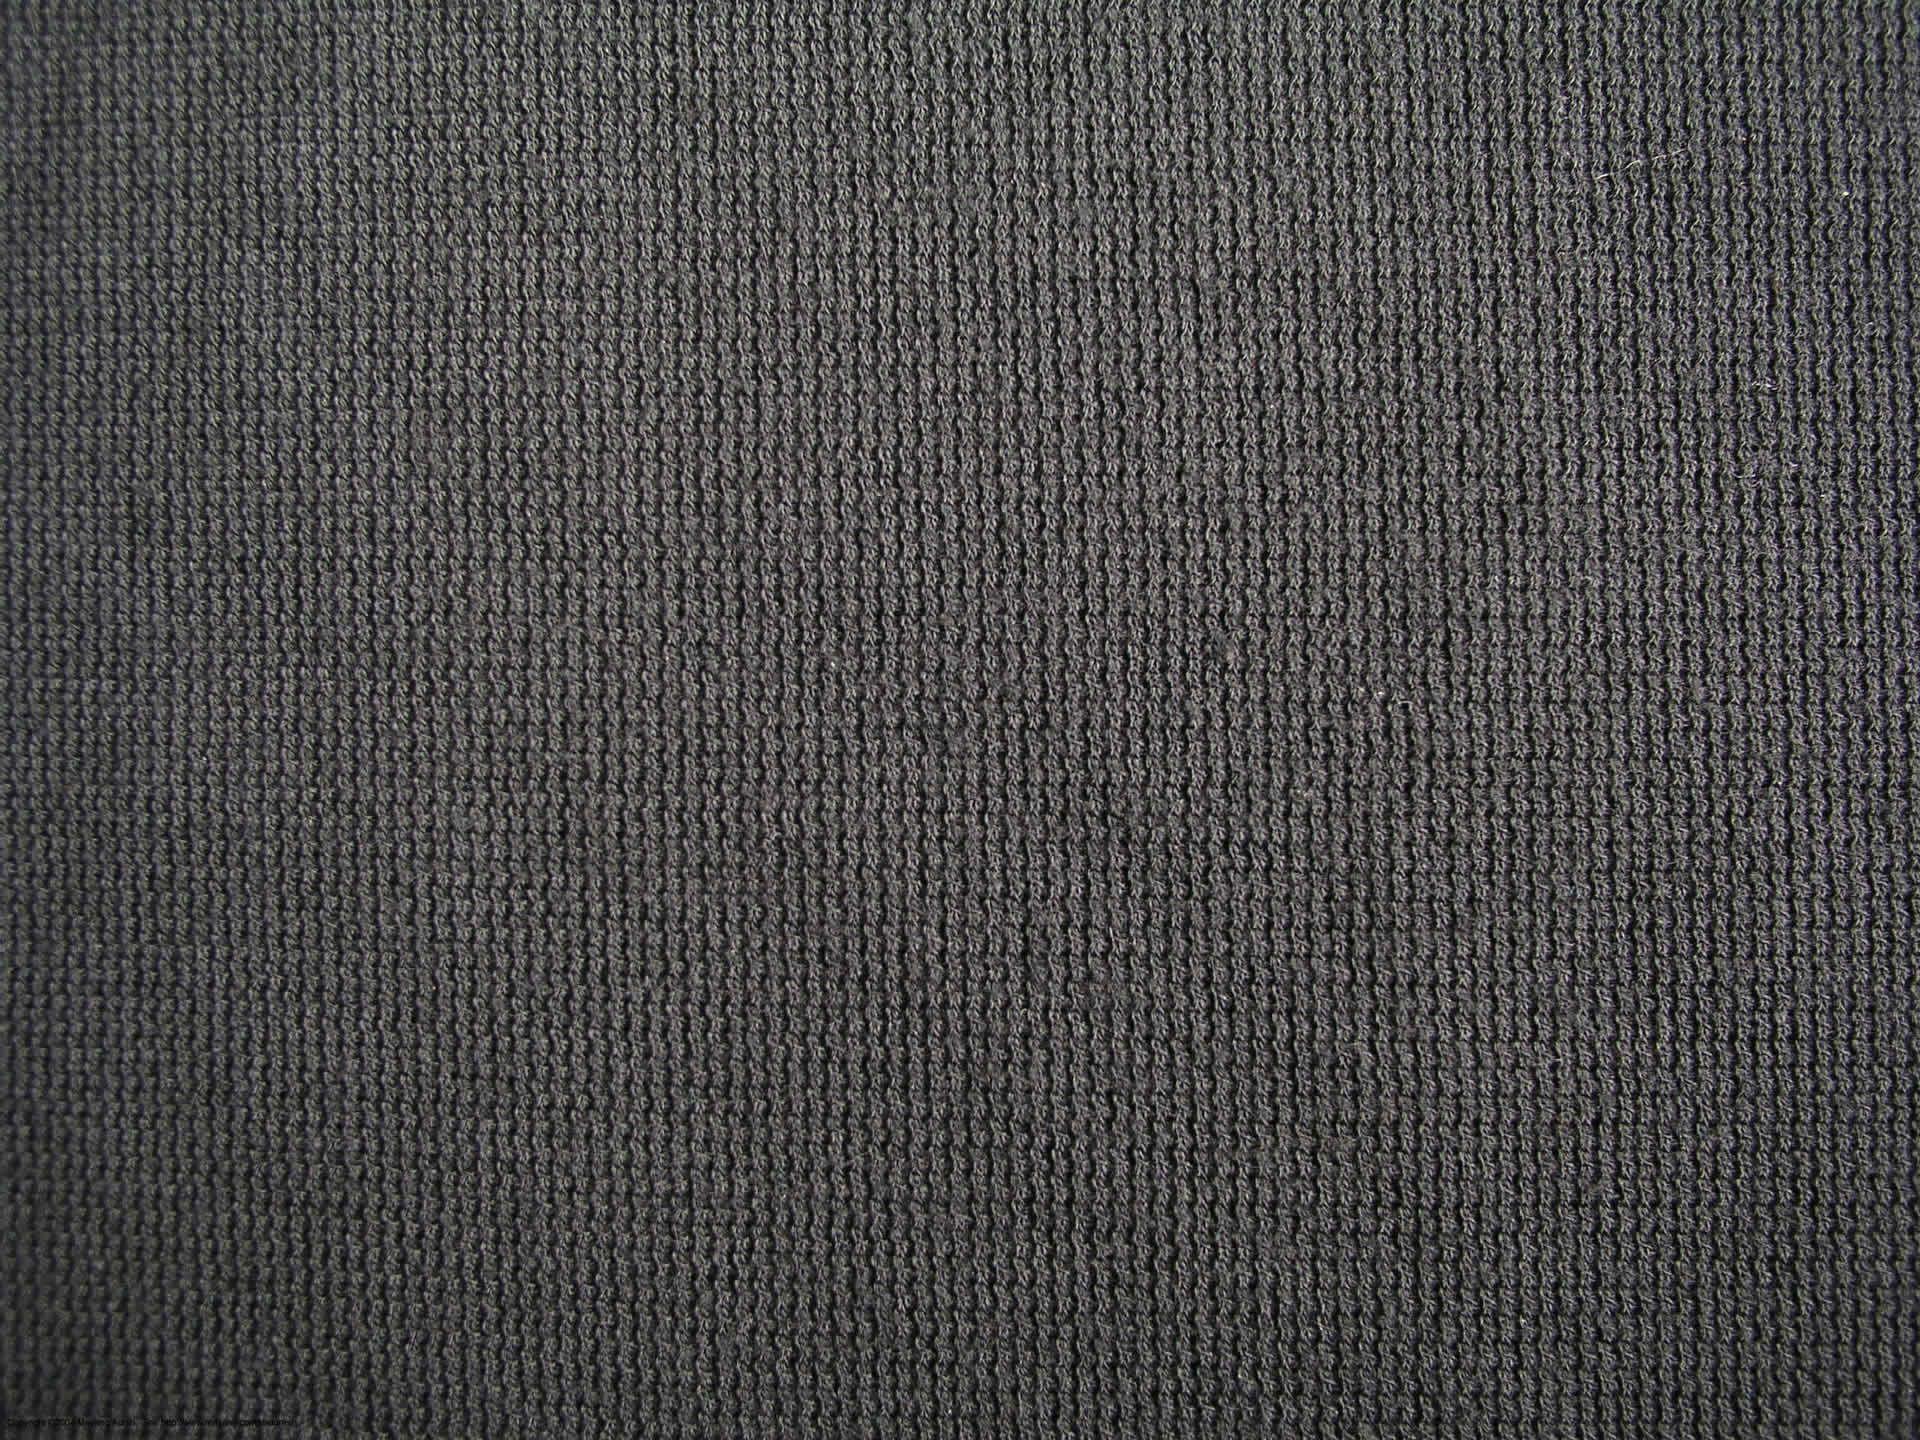 Download Textures Wallpaper Textura Textil